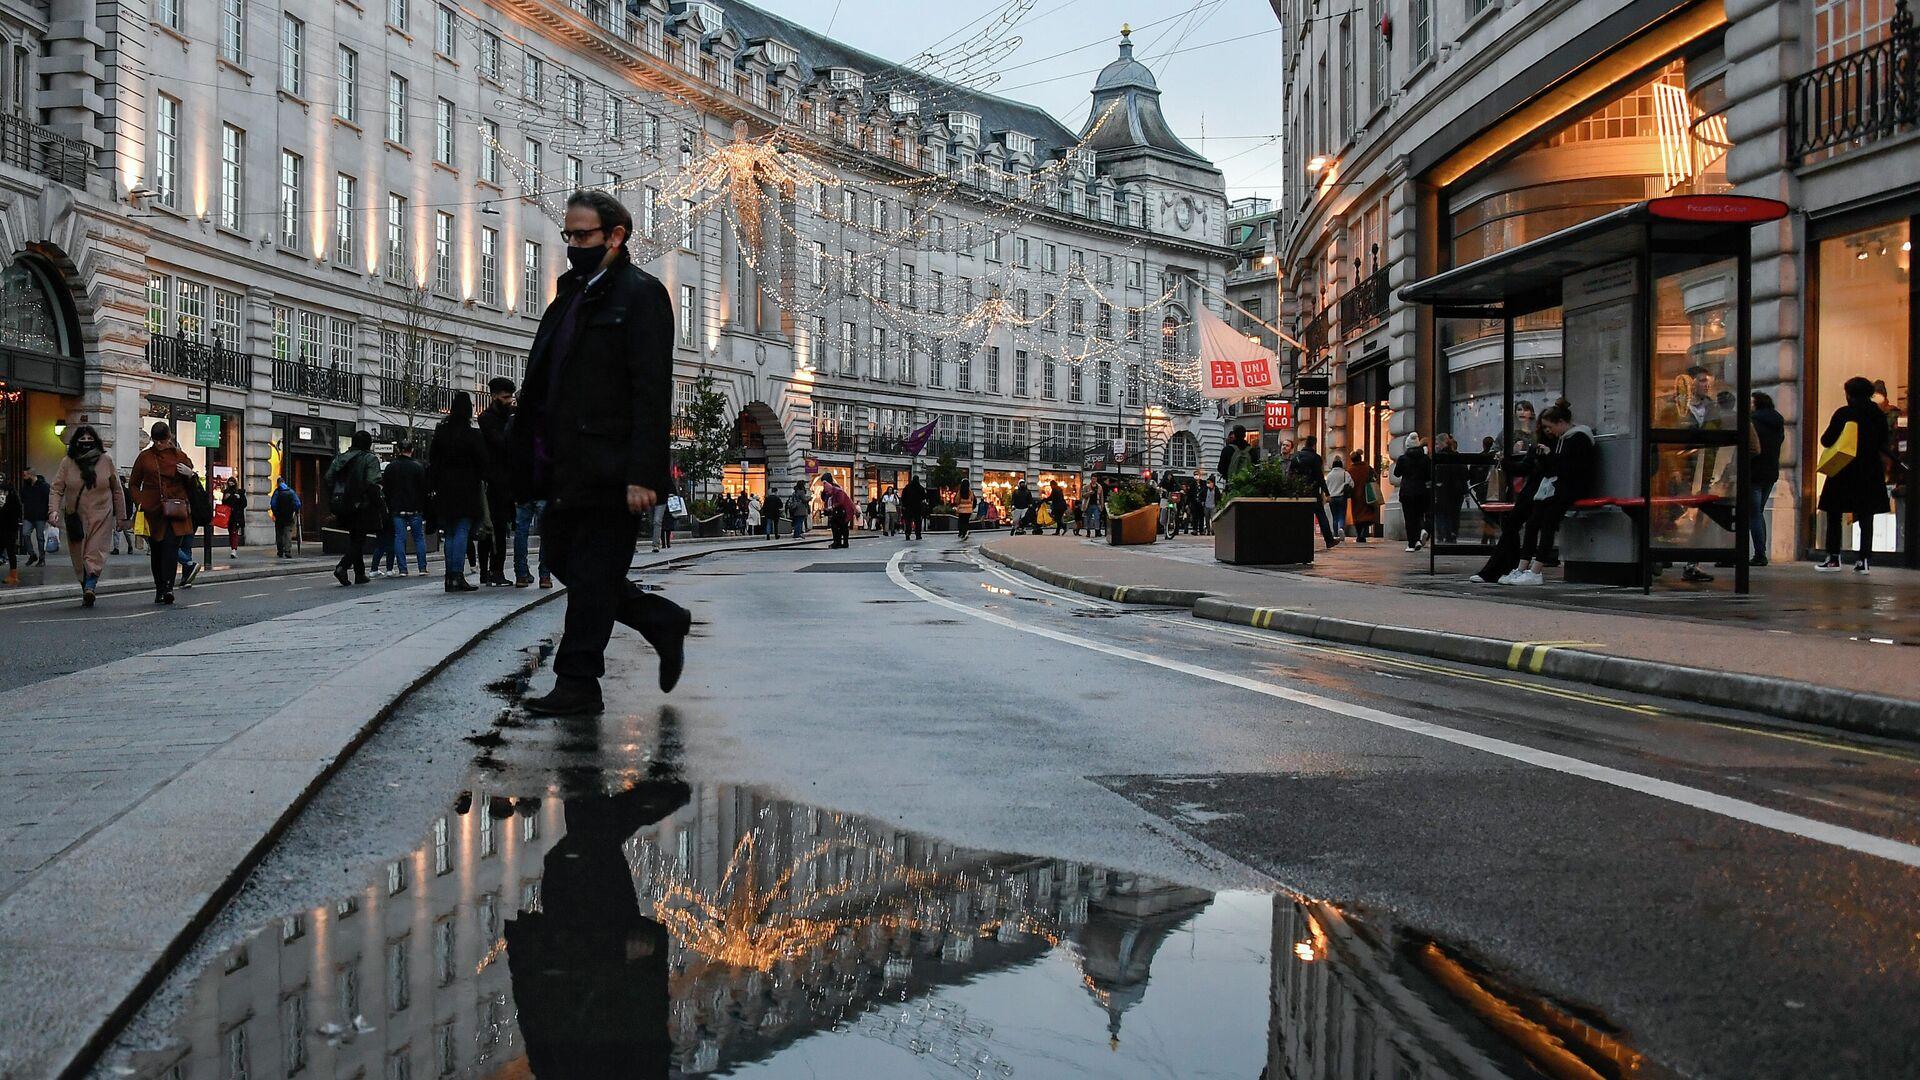 Мужчина в защитной маске на одной из улиц Лондона, Великобритания - РИА Новости, 1920, 05.01.2021